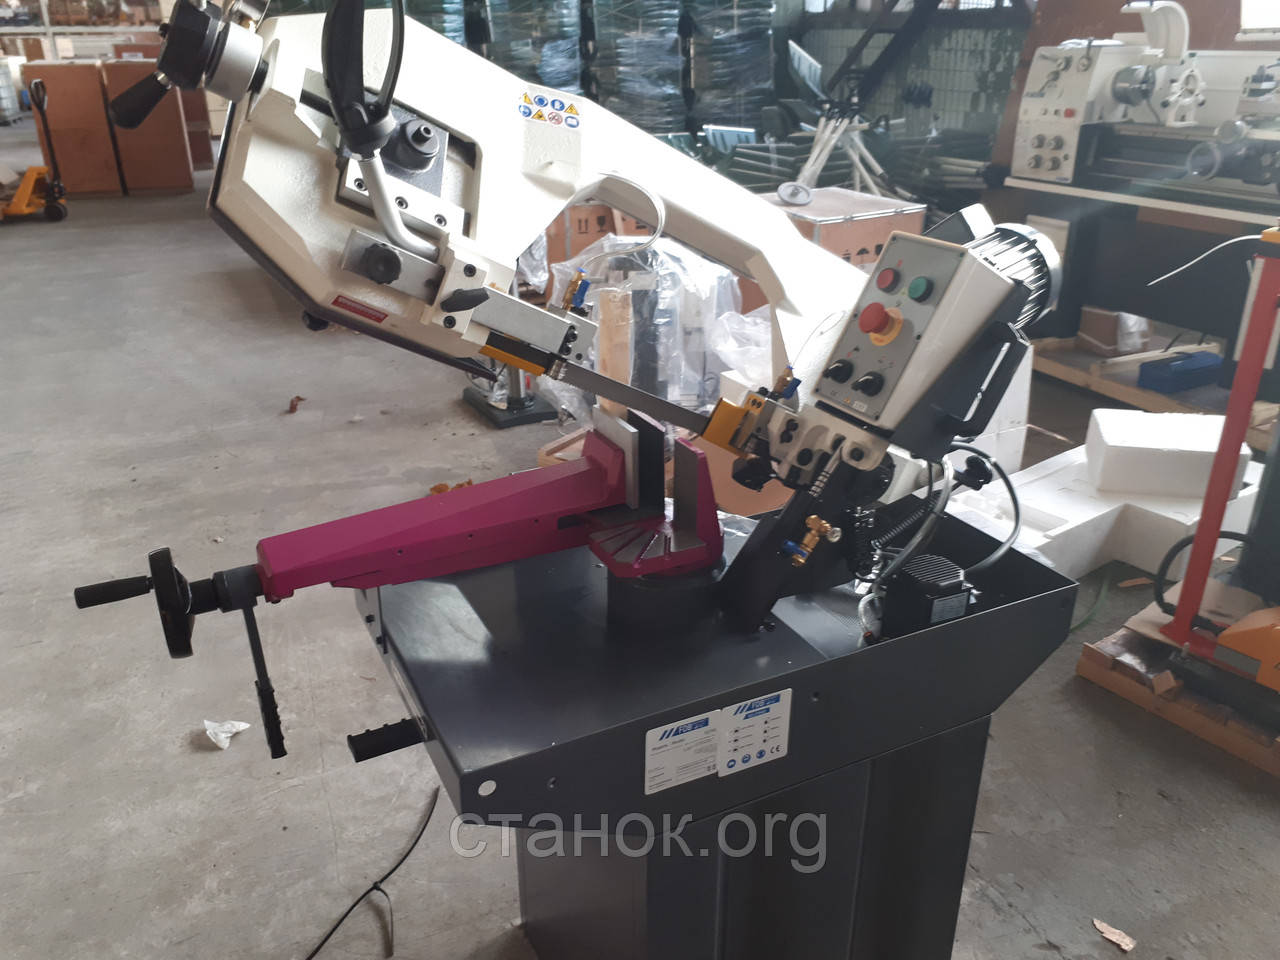 FDB Maschinen SG 275 G Ленточнопильный станок по металлу верстат Ленчтоная пила фдб сг 275 г машинен